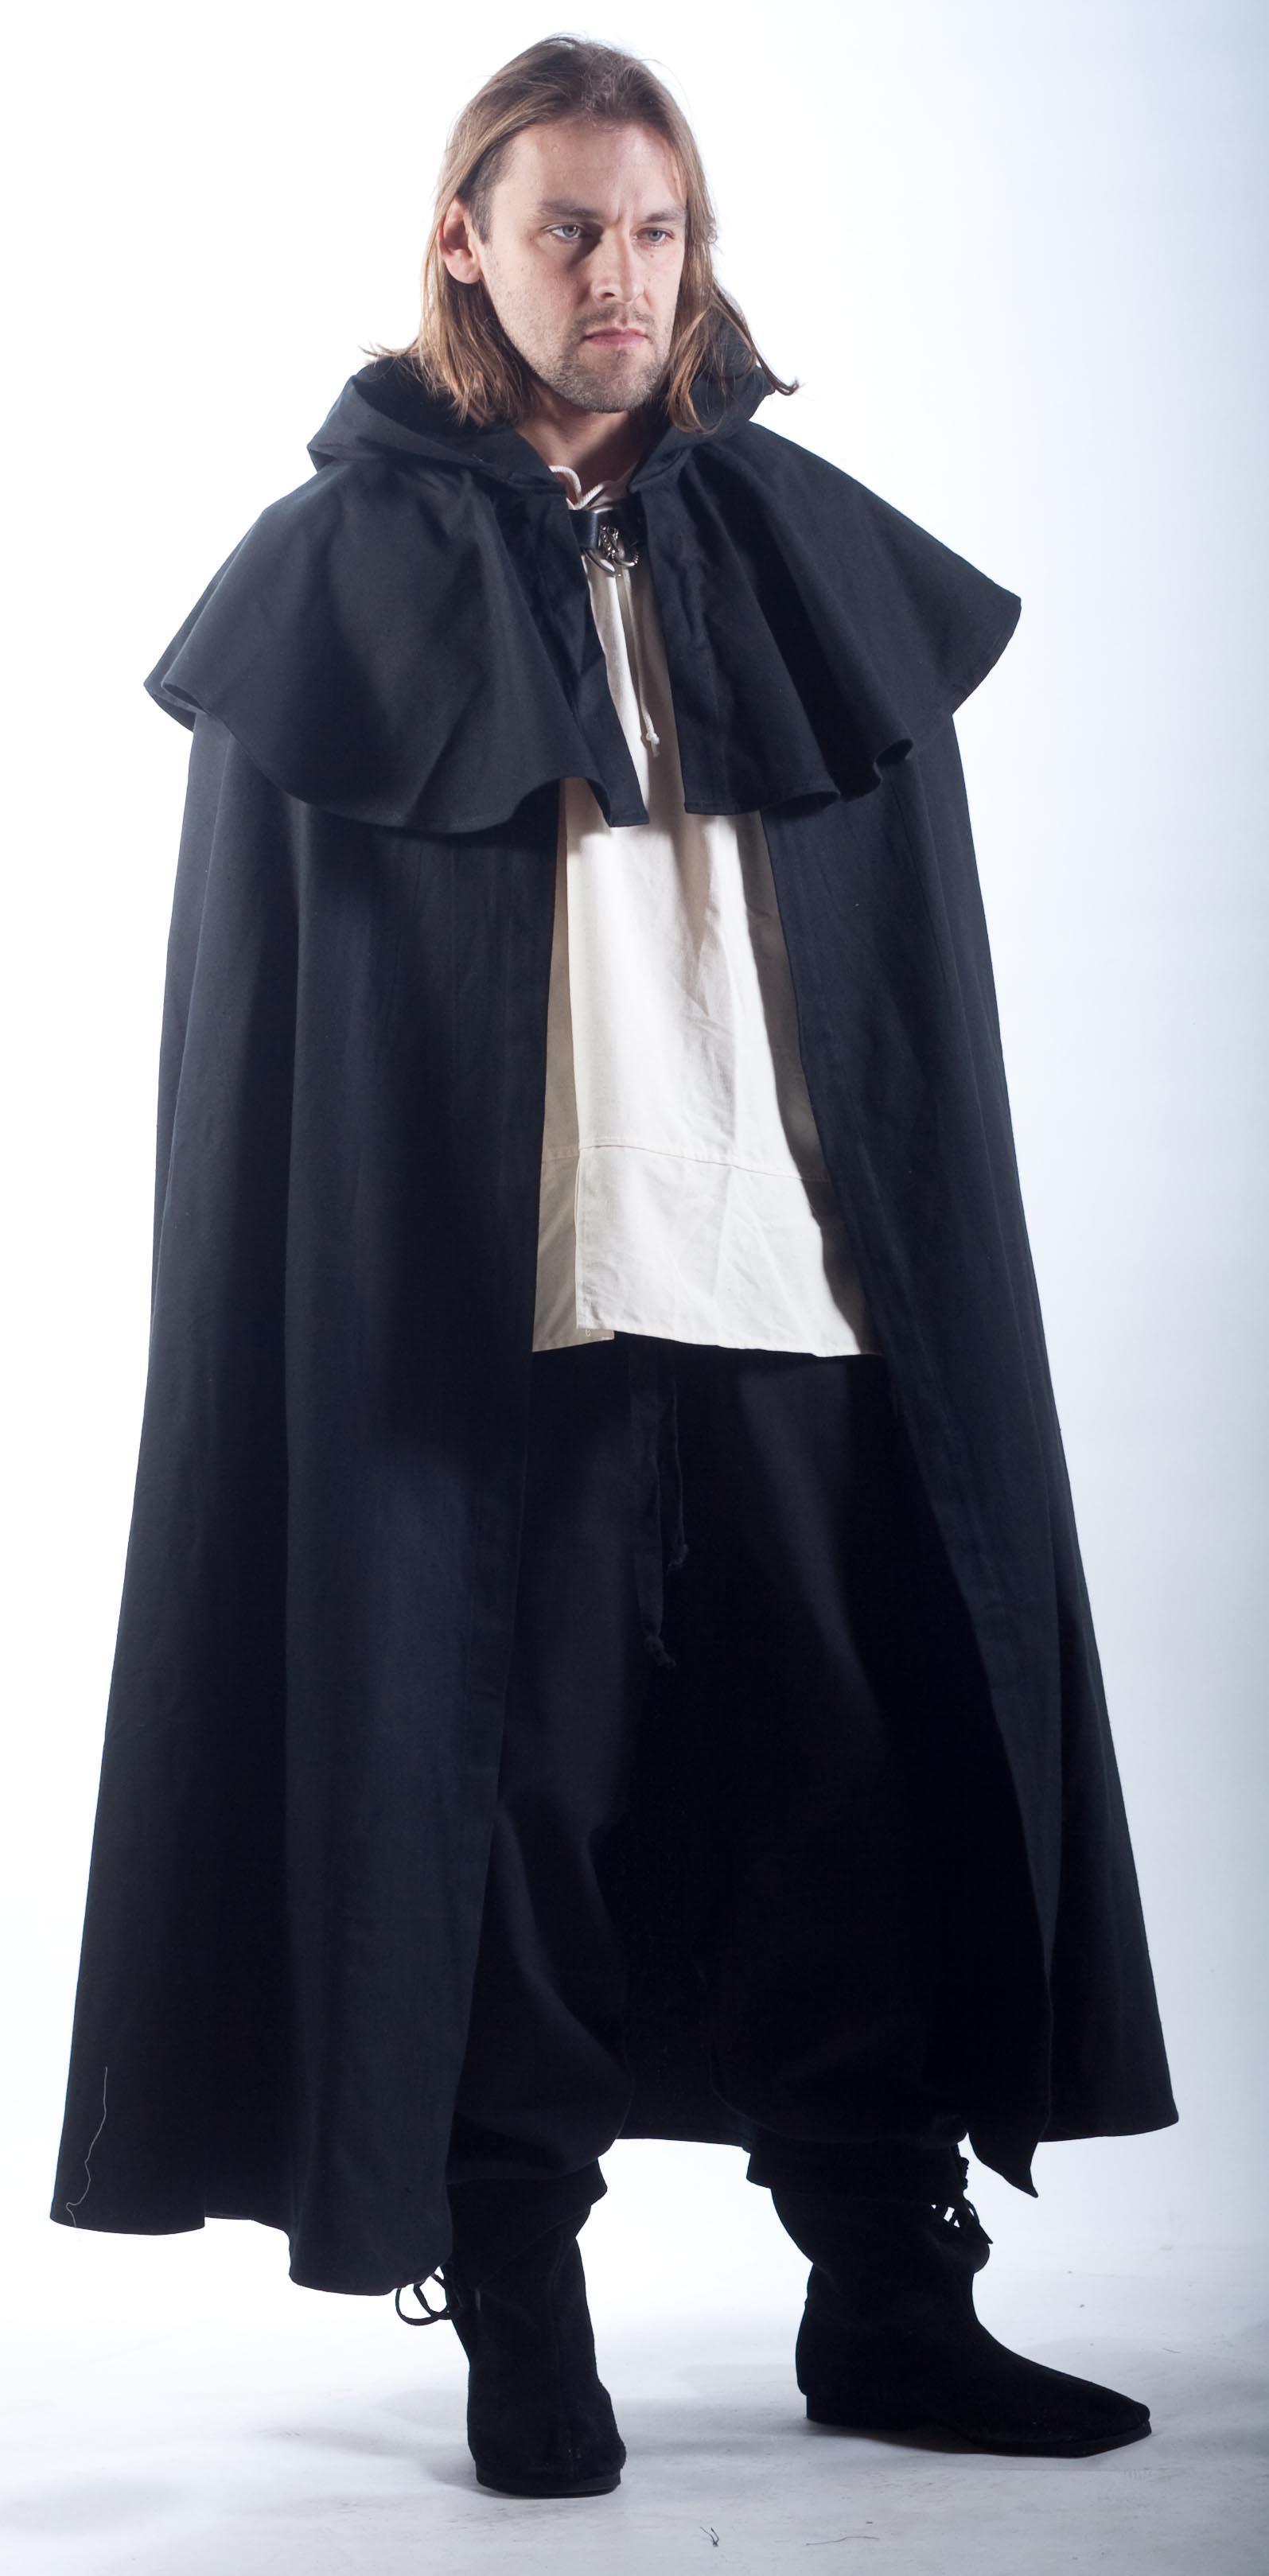 cloak mantle with long hood metal clasp order online. Black Bedroom Furniture Sets. Home Design Ideas